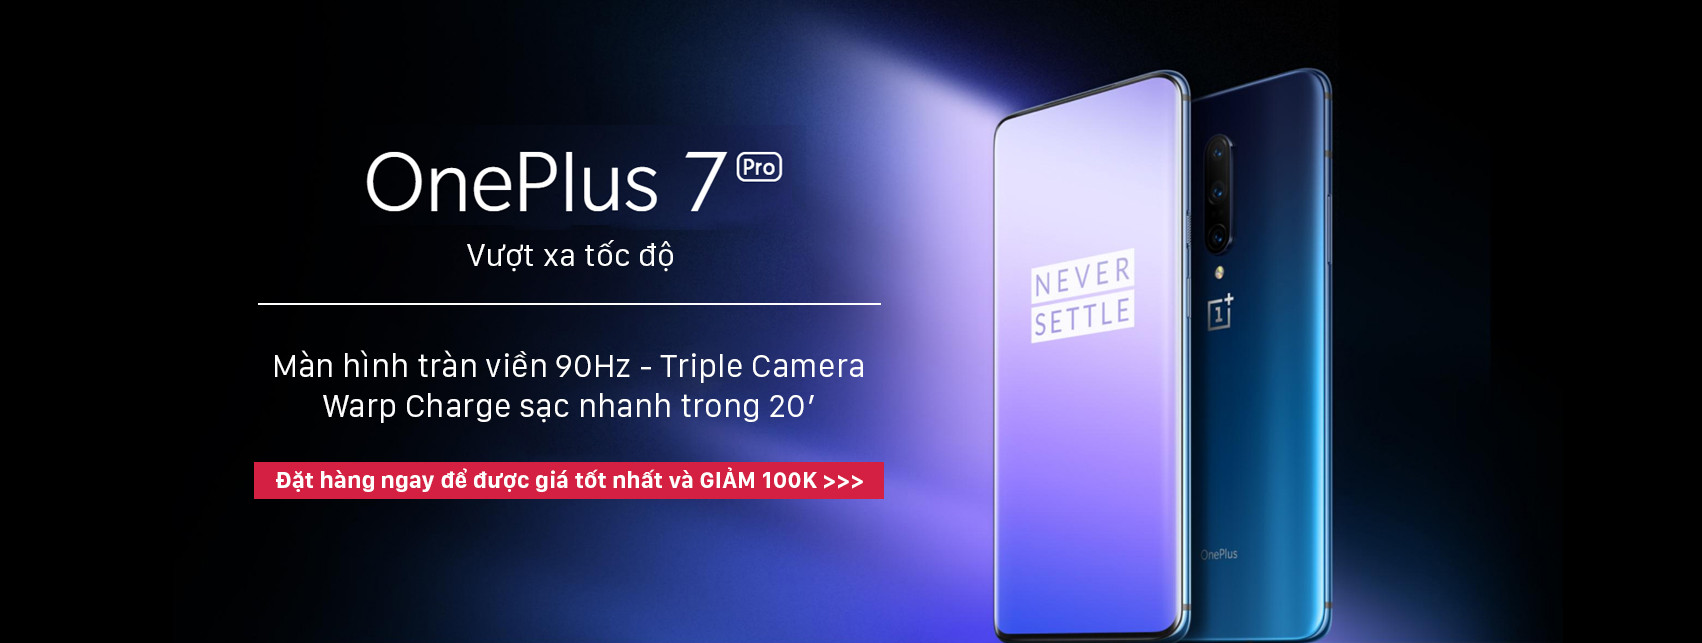 Đặt mua One Plus 7 Pro